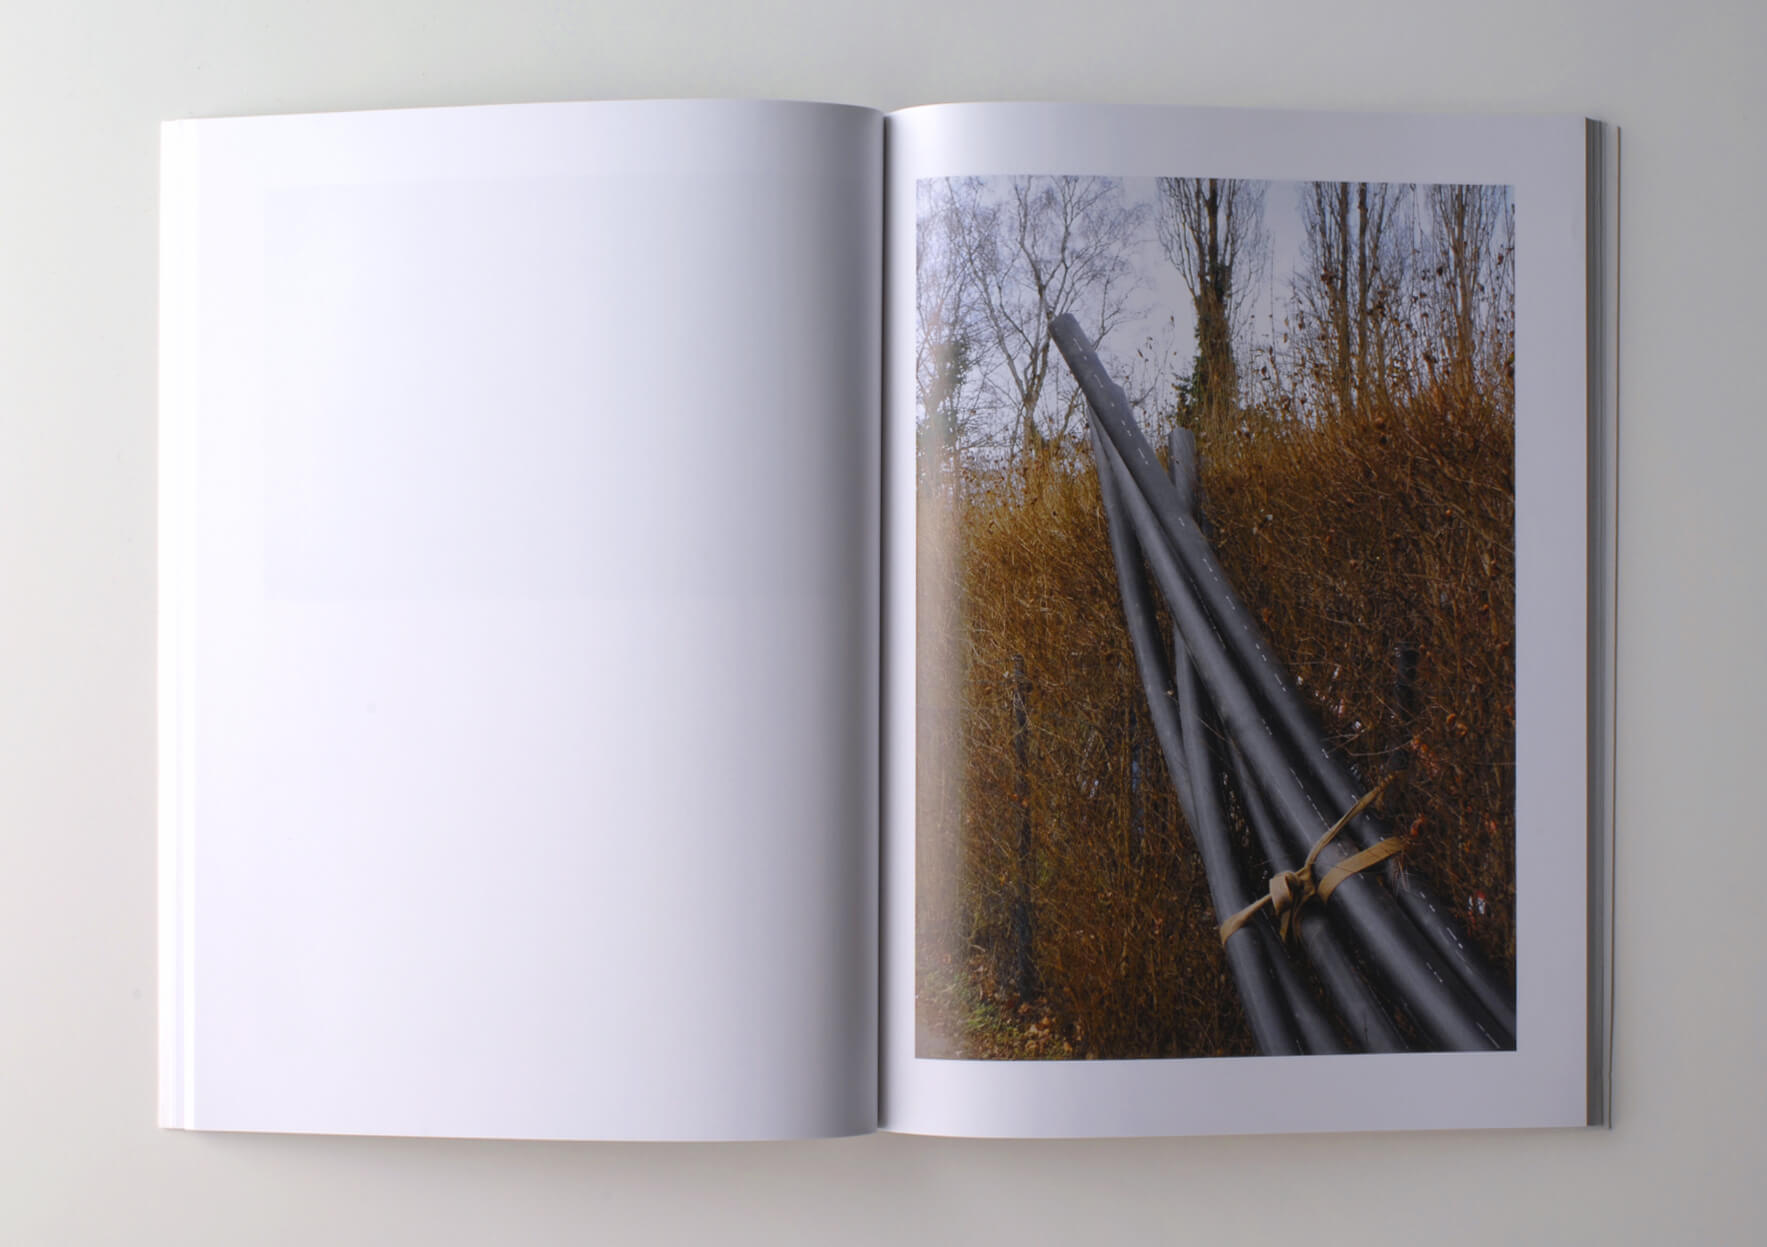 | Archiv Peter Piller: Materialien (C) A40 Bochum Dükerweg | ProjecteSD